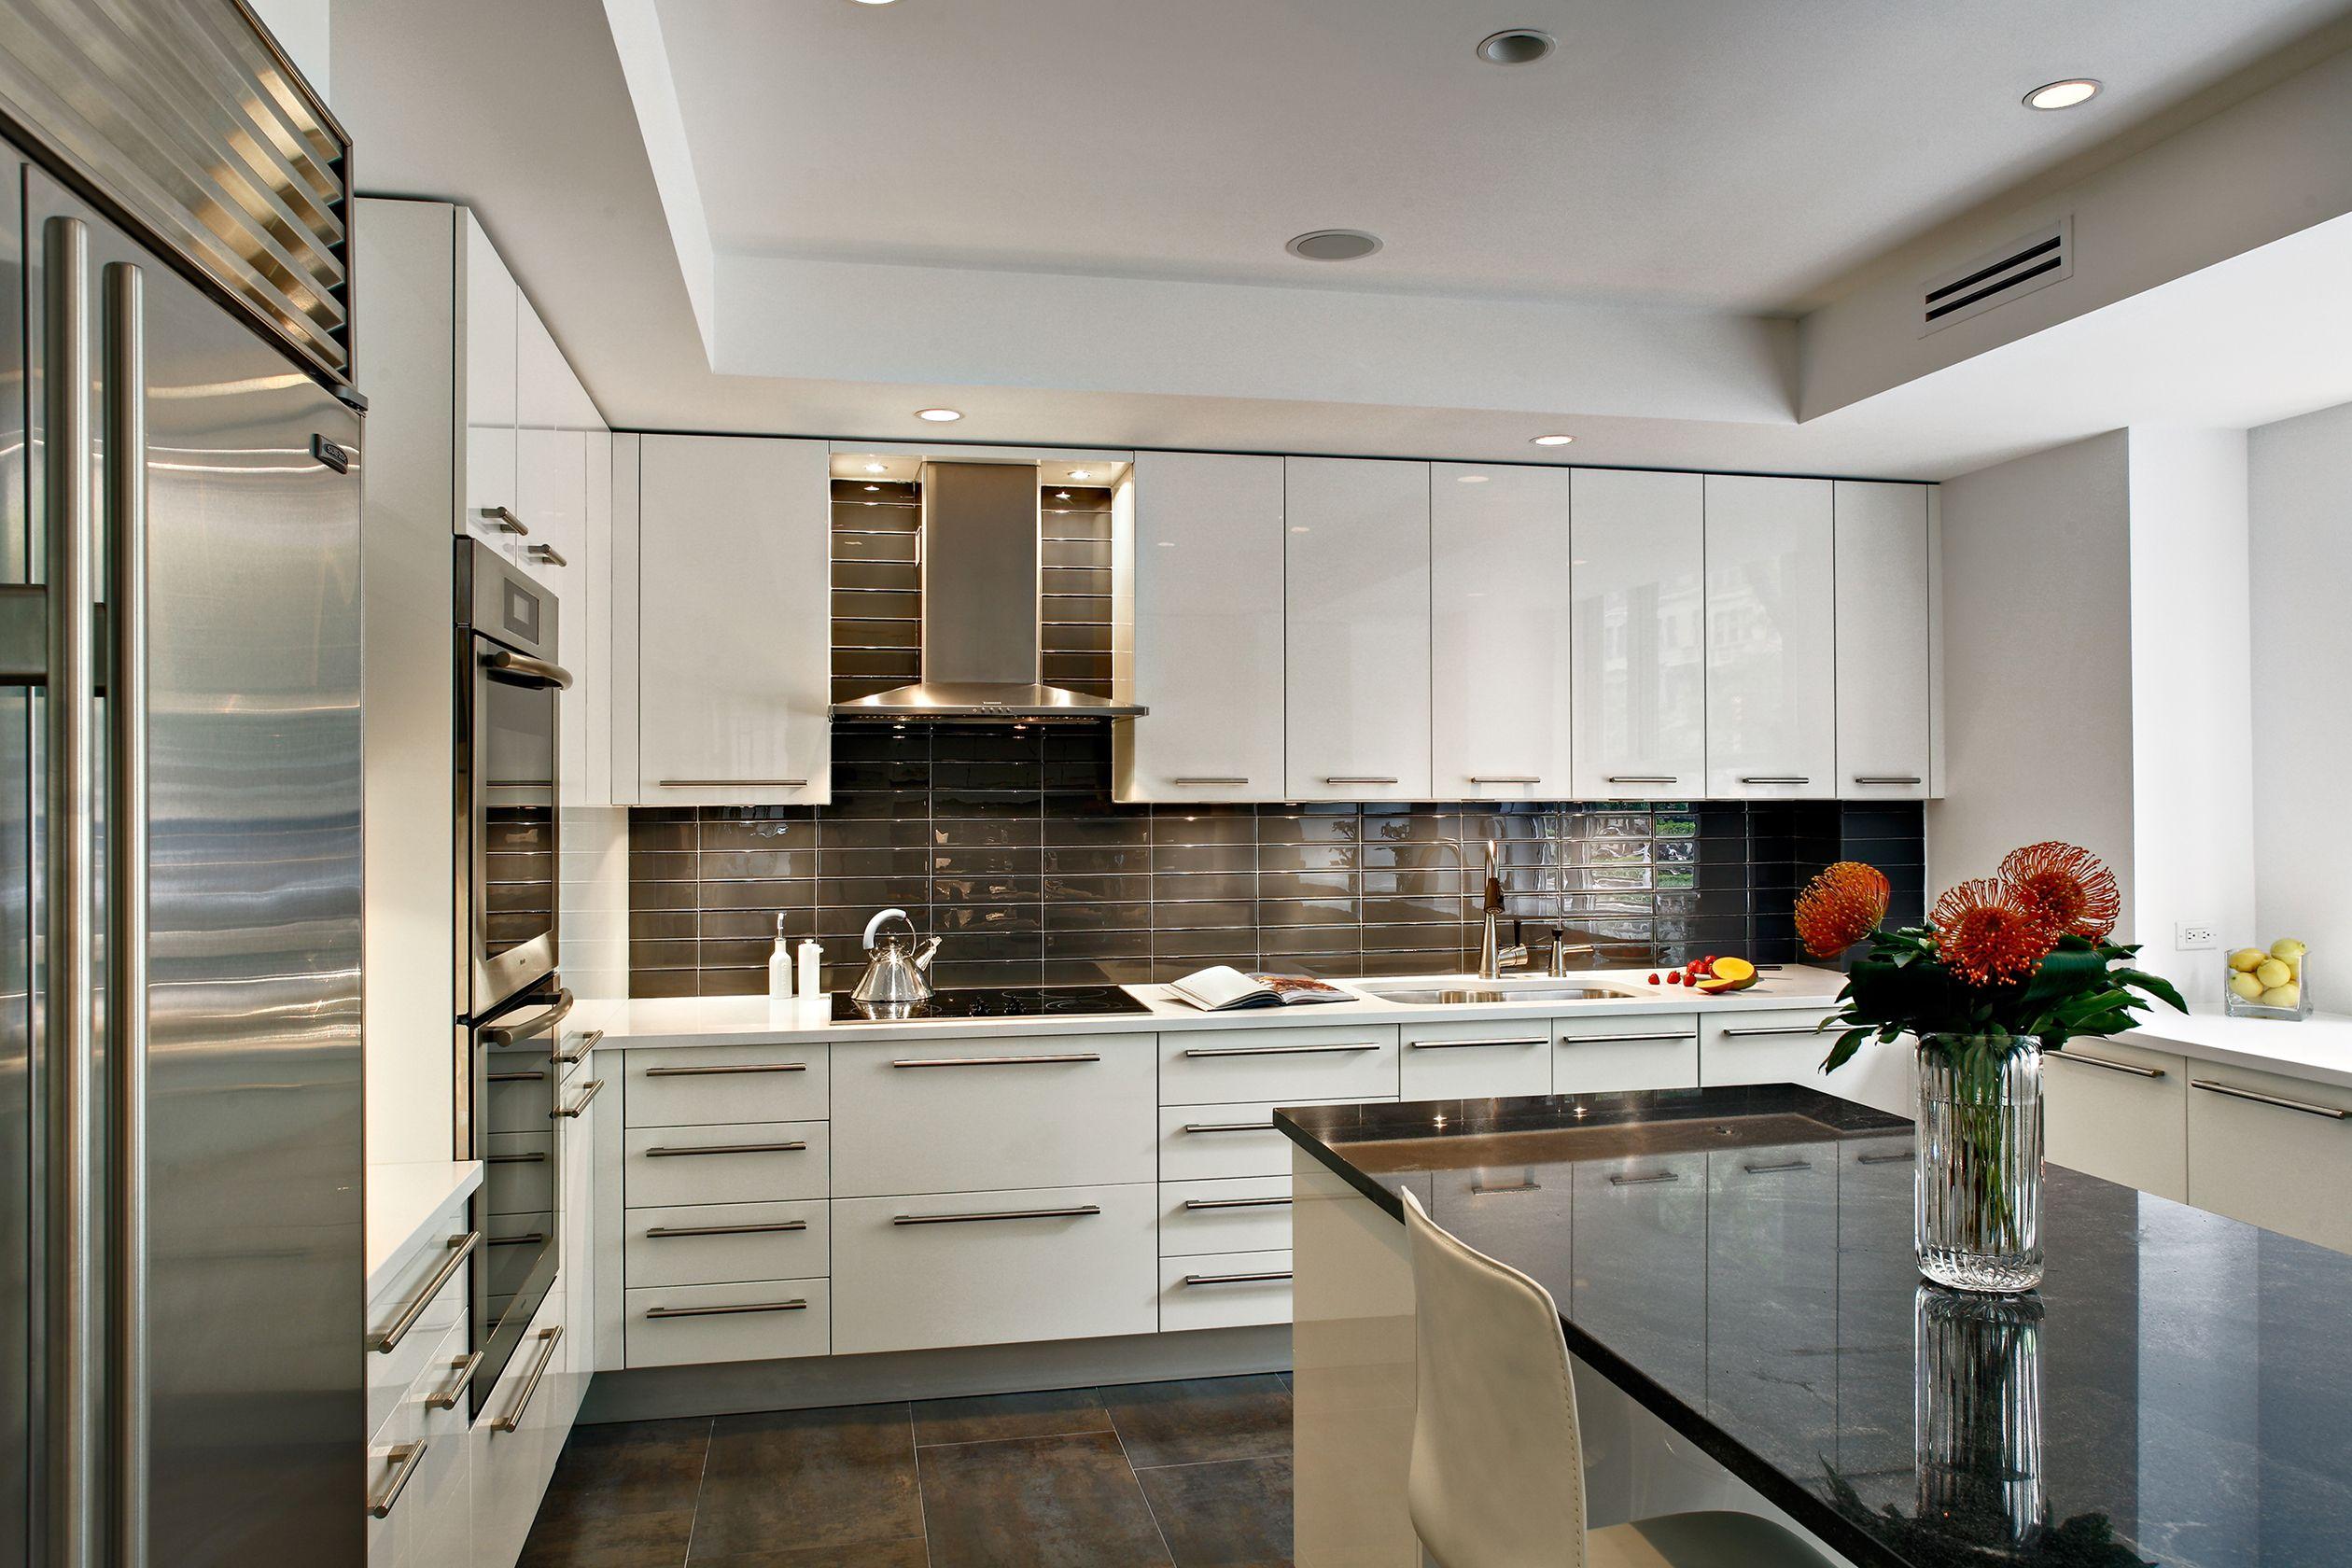 Uptown Kitchen And Bath Design